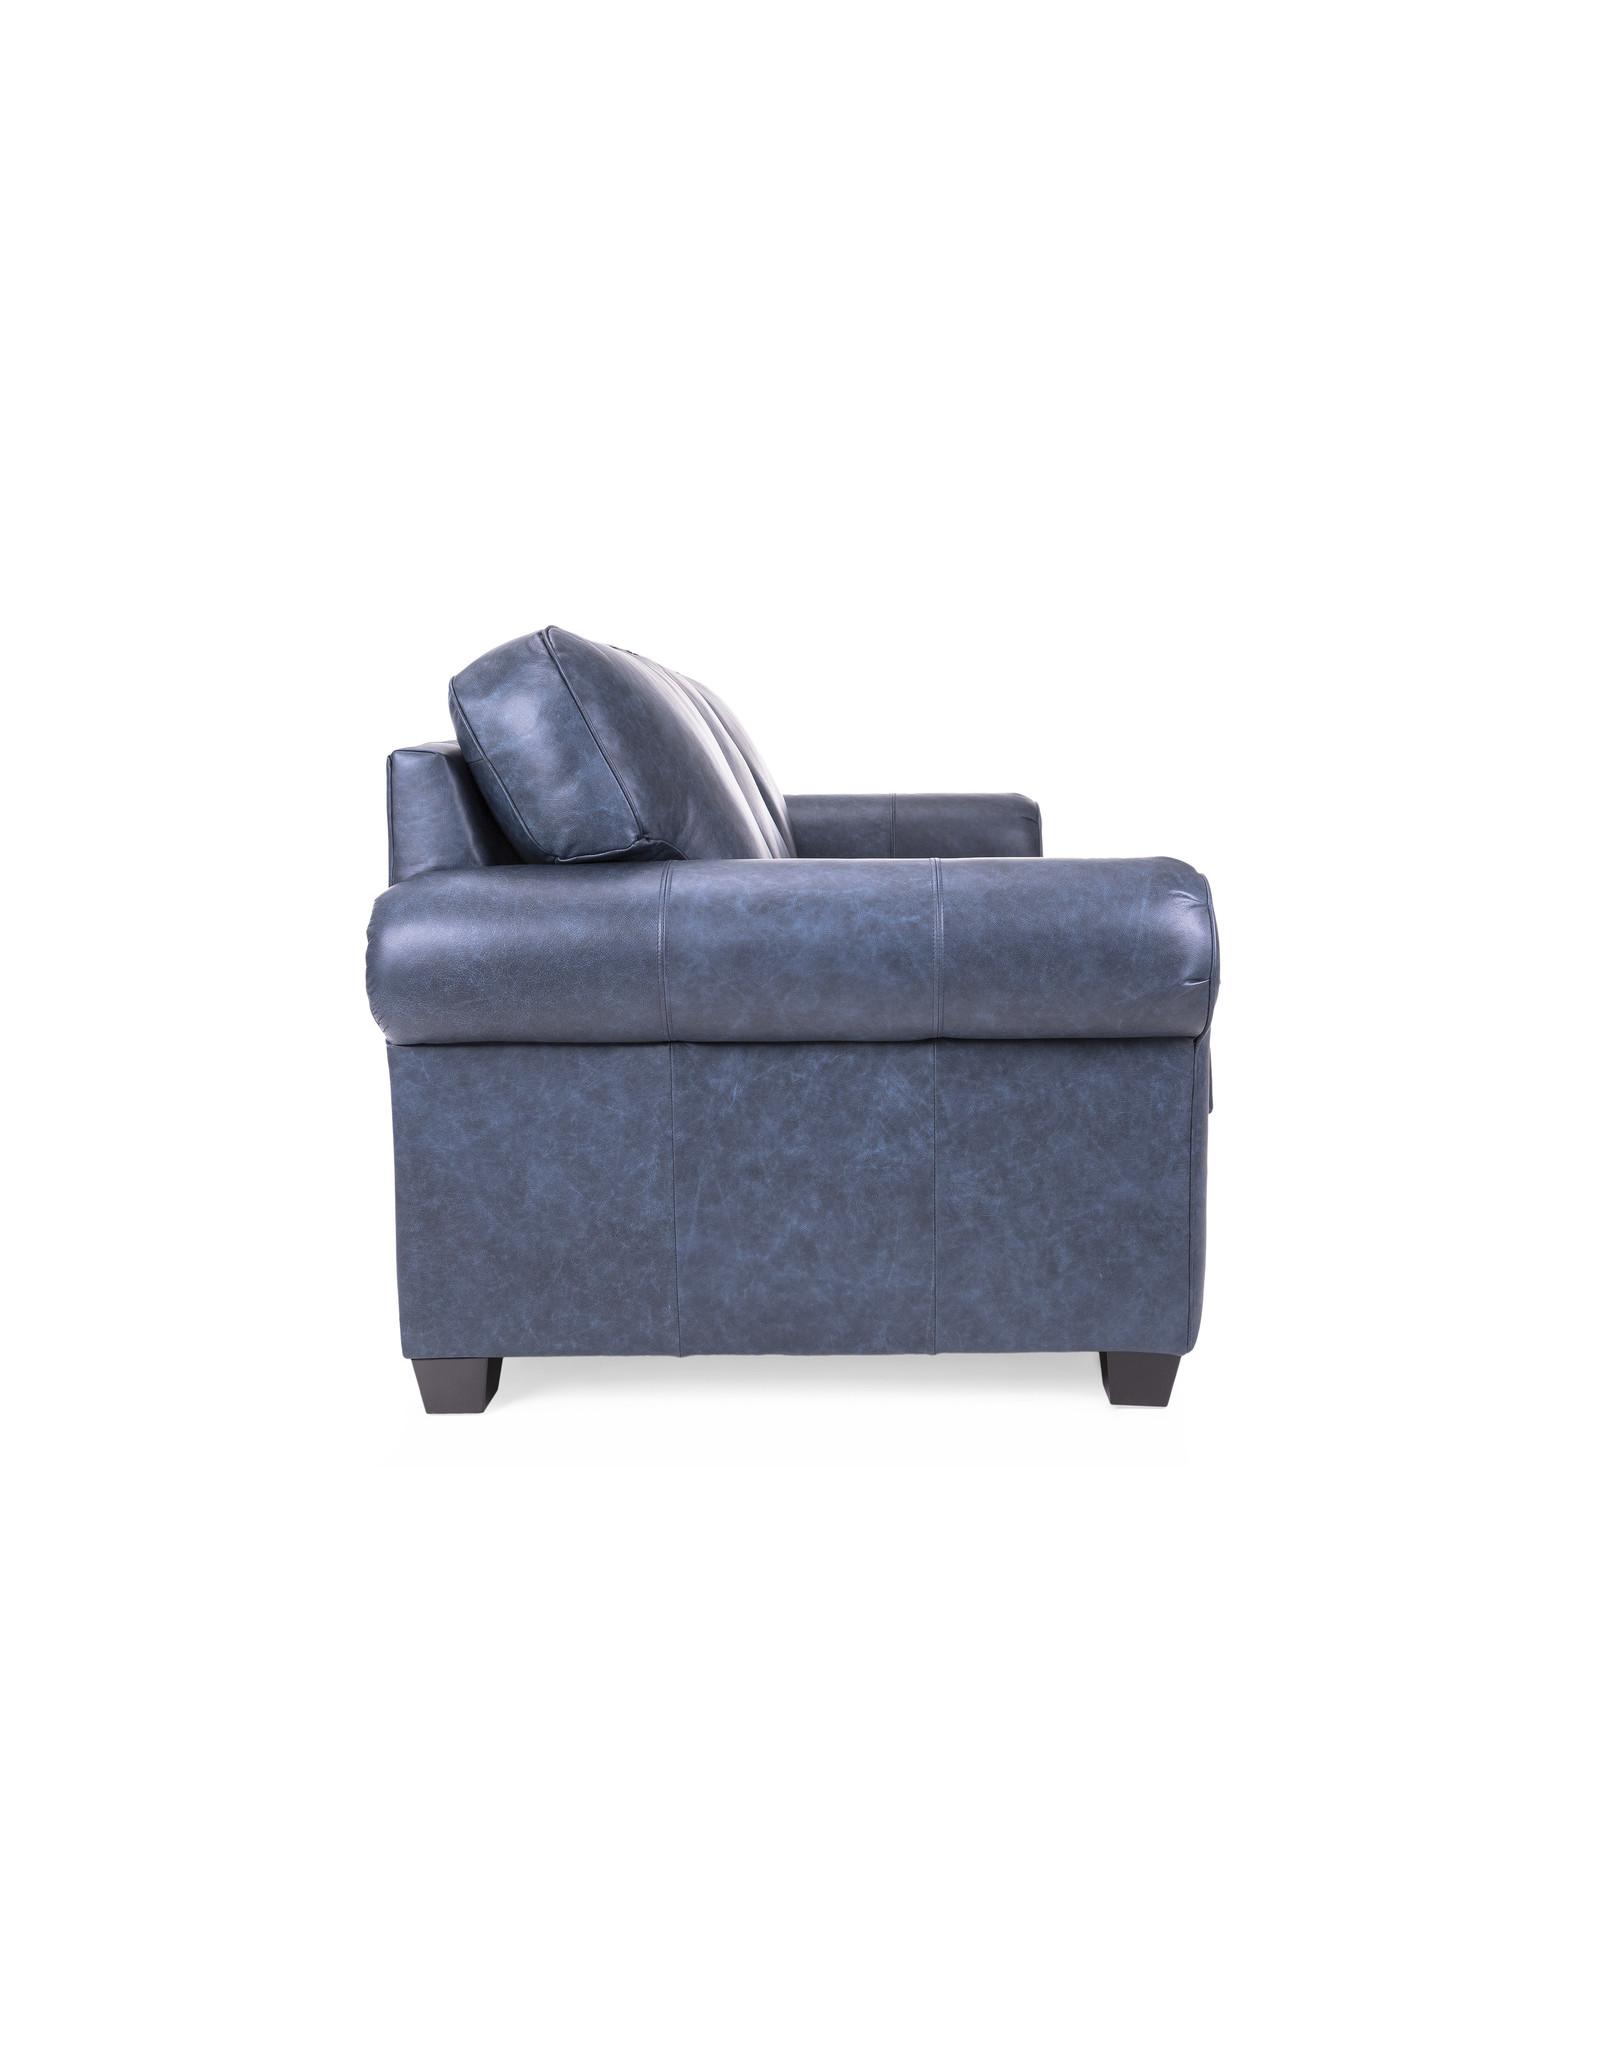 TCE 3179 Sofa